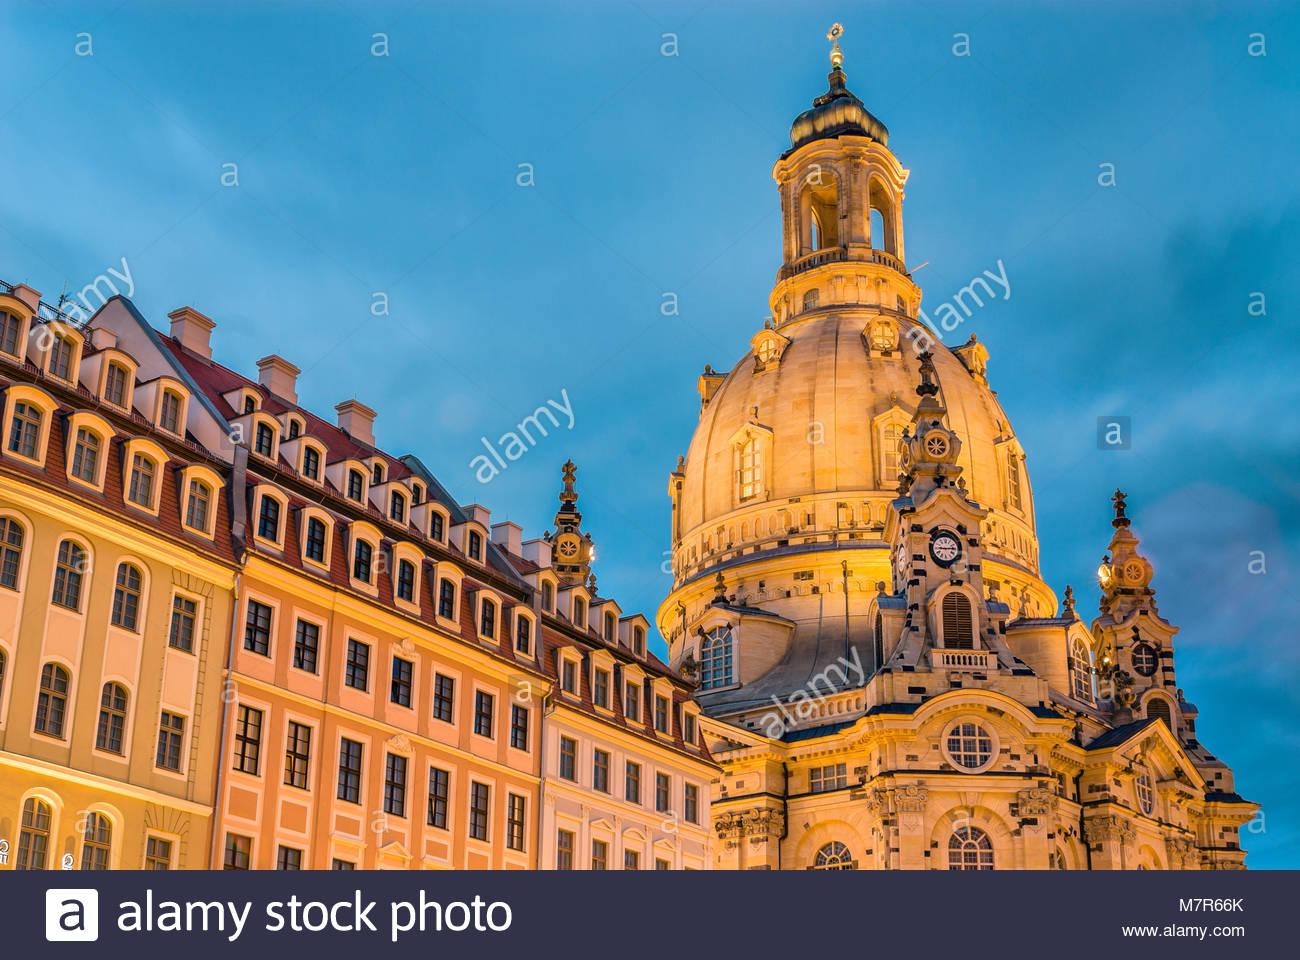 Dresden Frauenkirche Cathedral at night, Saxony, Germany   Nachtaufnahme der Dresdner Frauenkirche in der Altstadt Stock Photo